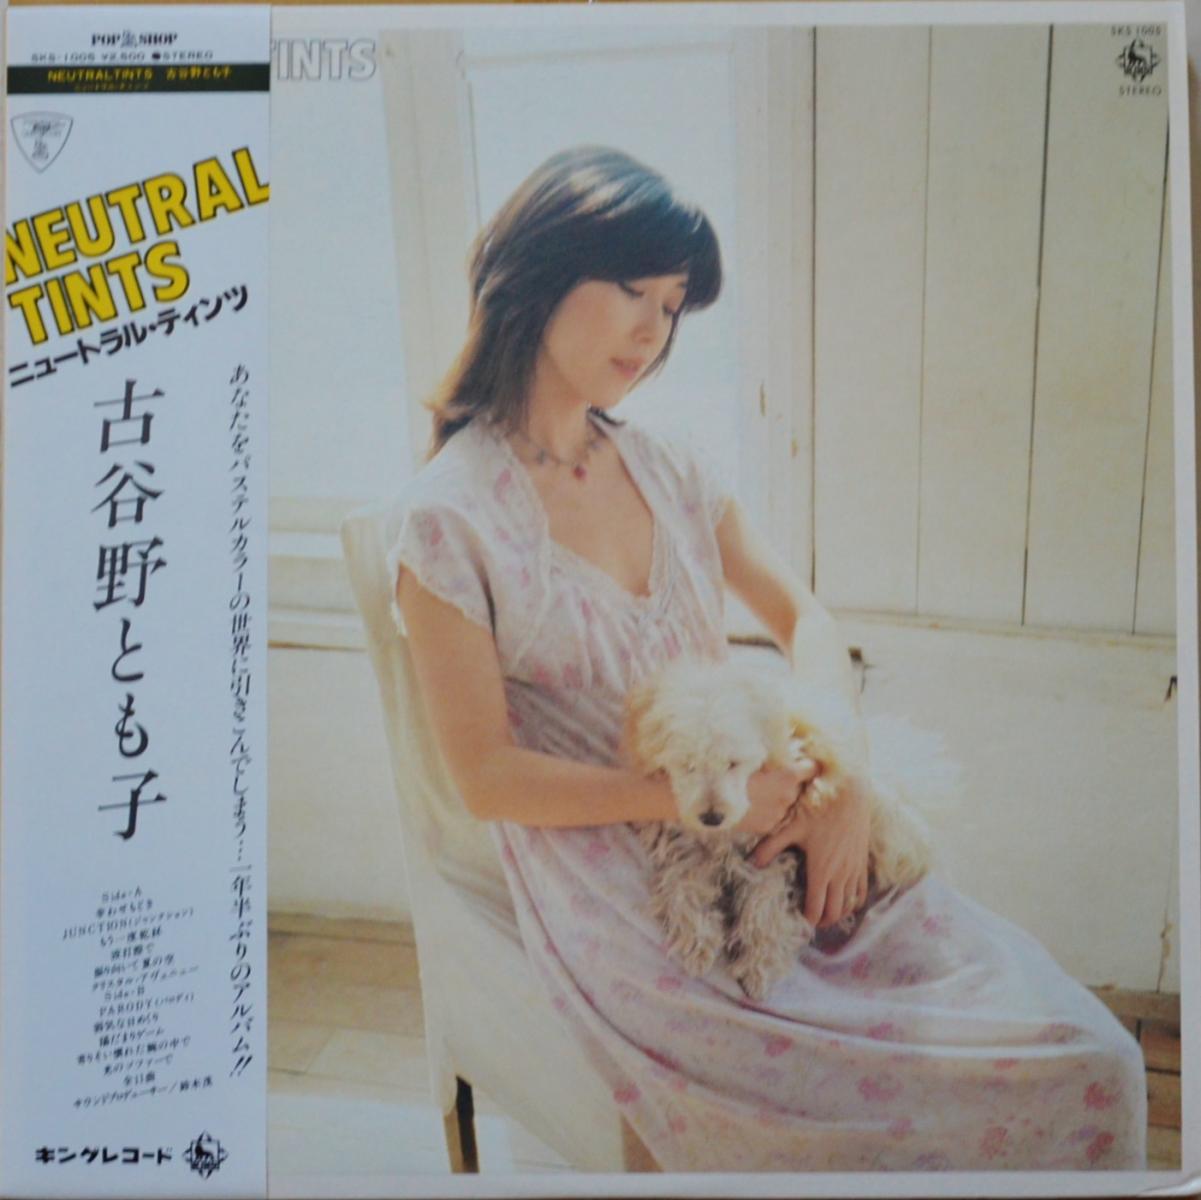 古谷野とも子 TOMOKO KOYANO / ニュートラル・ティンツ NEUTRAL TINTS (LP)